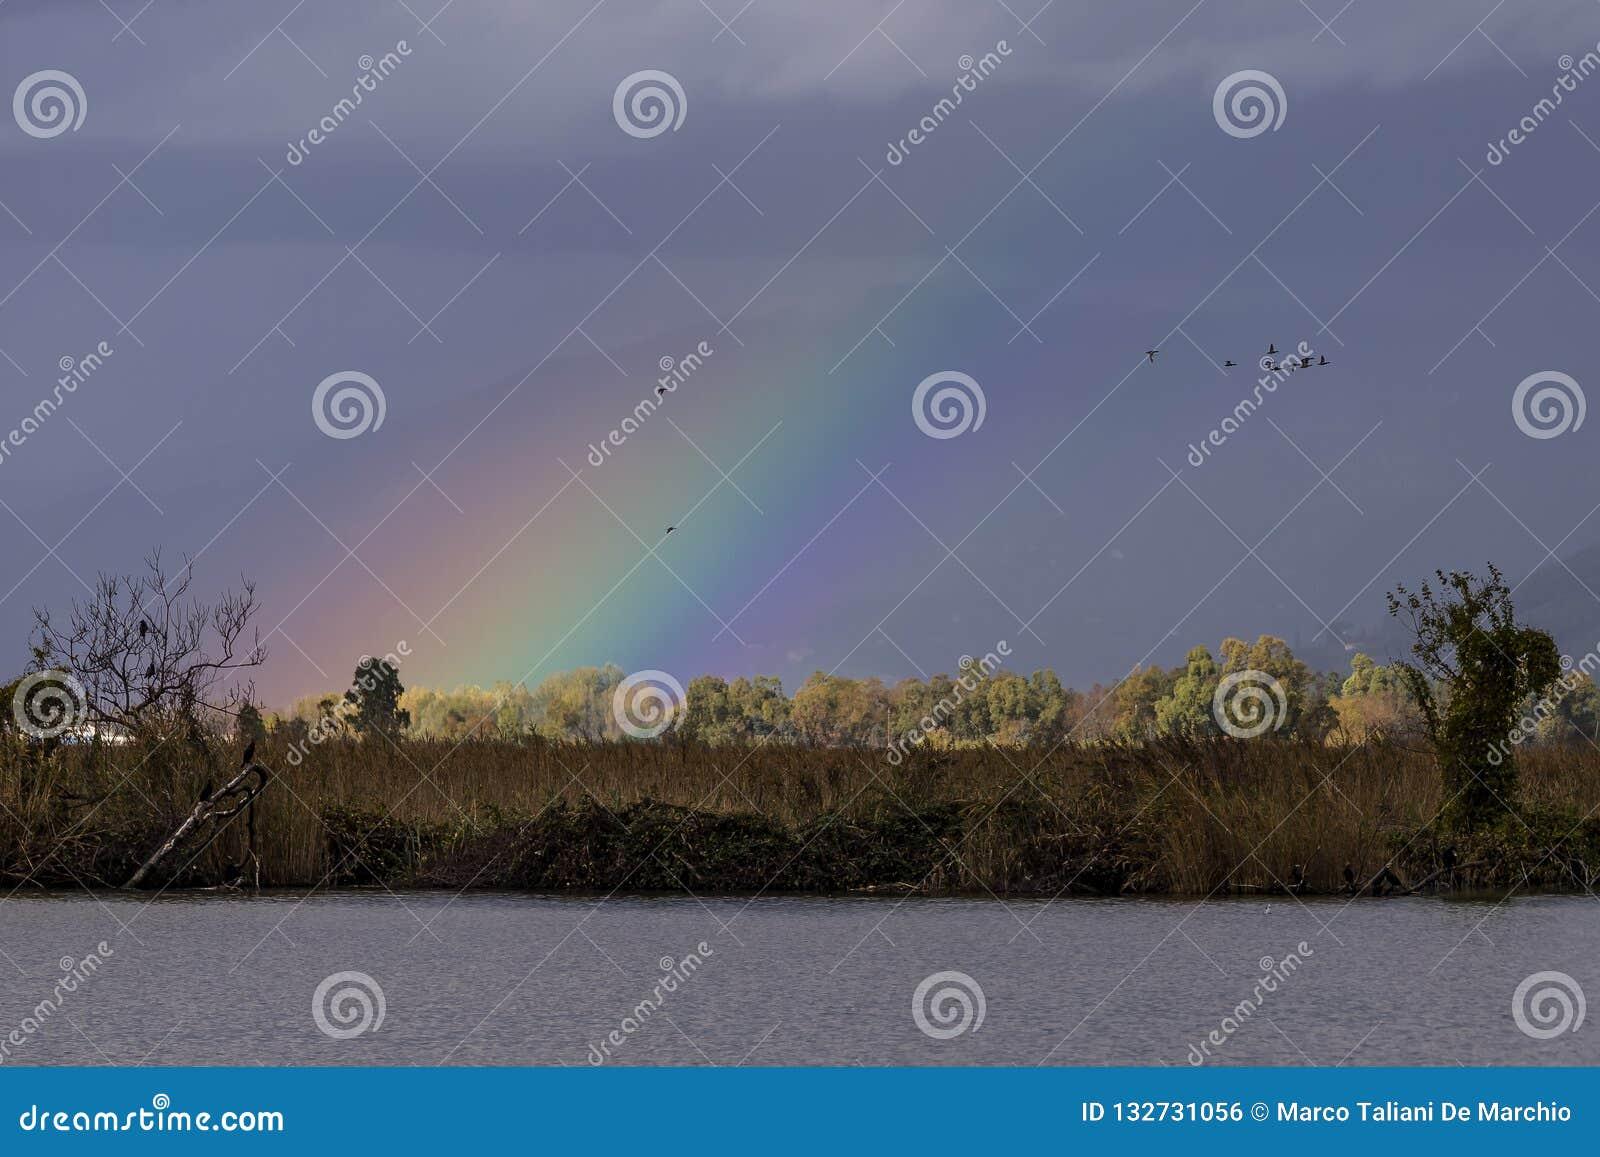 Os rebanhos dos pássaros voam em um céu iluminado por um arco-íris bonito, lago Massaciuccoli, Toscânia, Itália